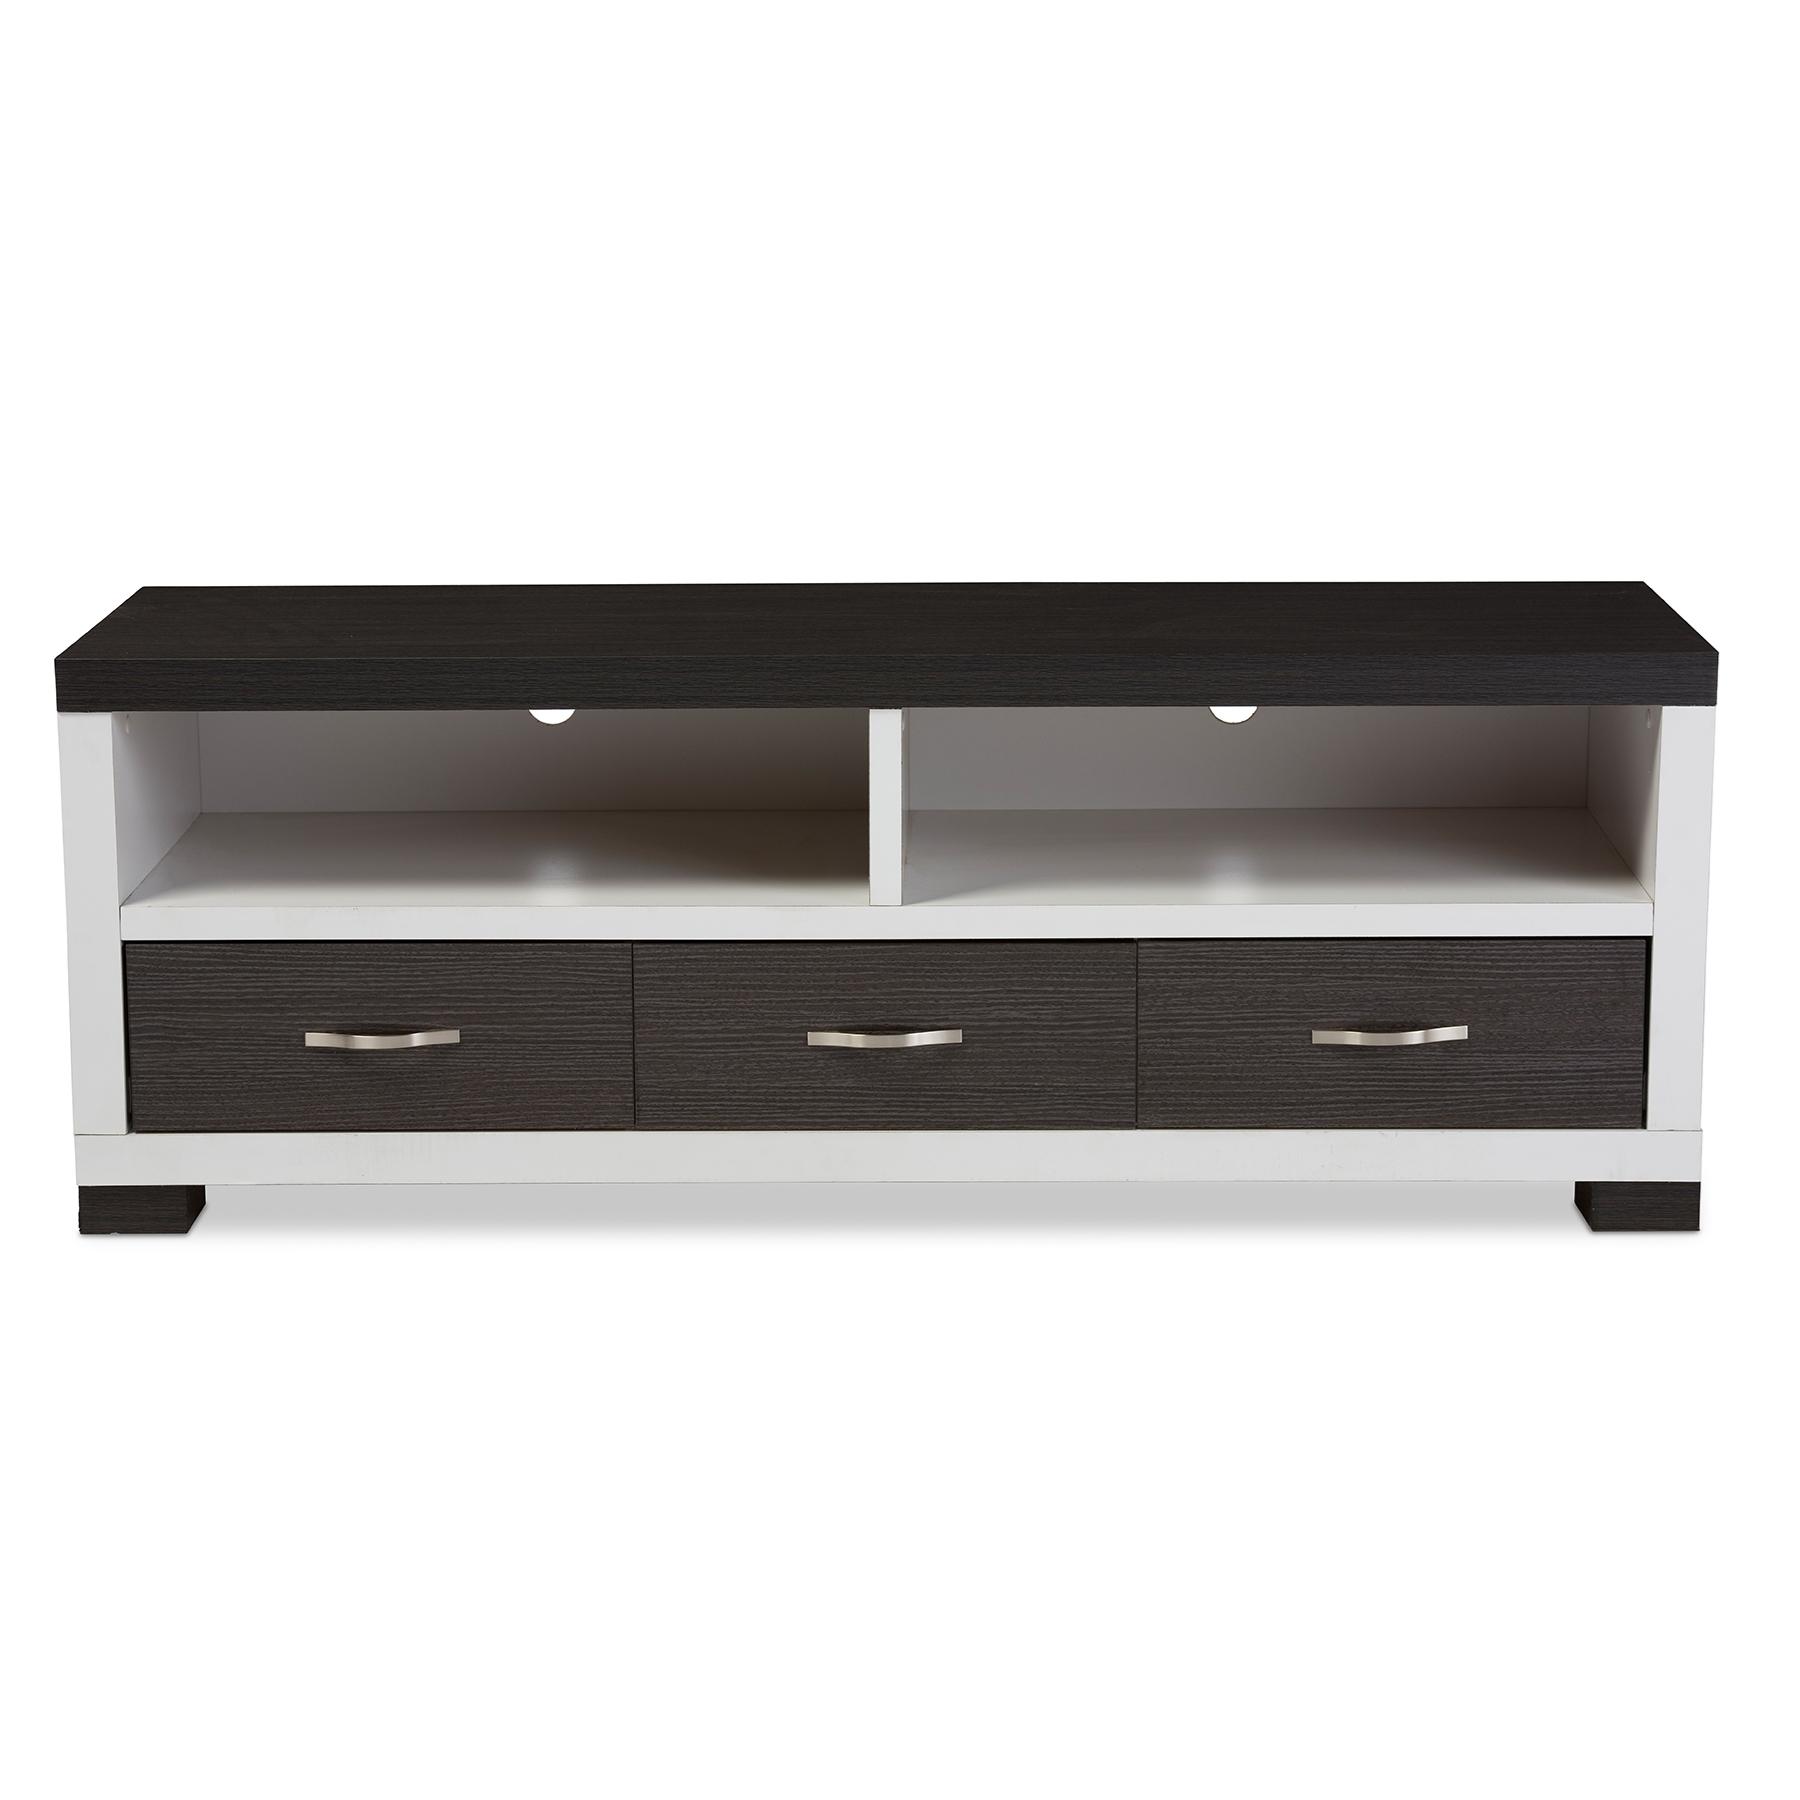 Baxton Studio | Wholesale TV Stands | Wholesale Entertainment Centers |  Baxton Studio Furniture